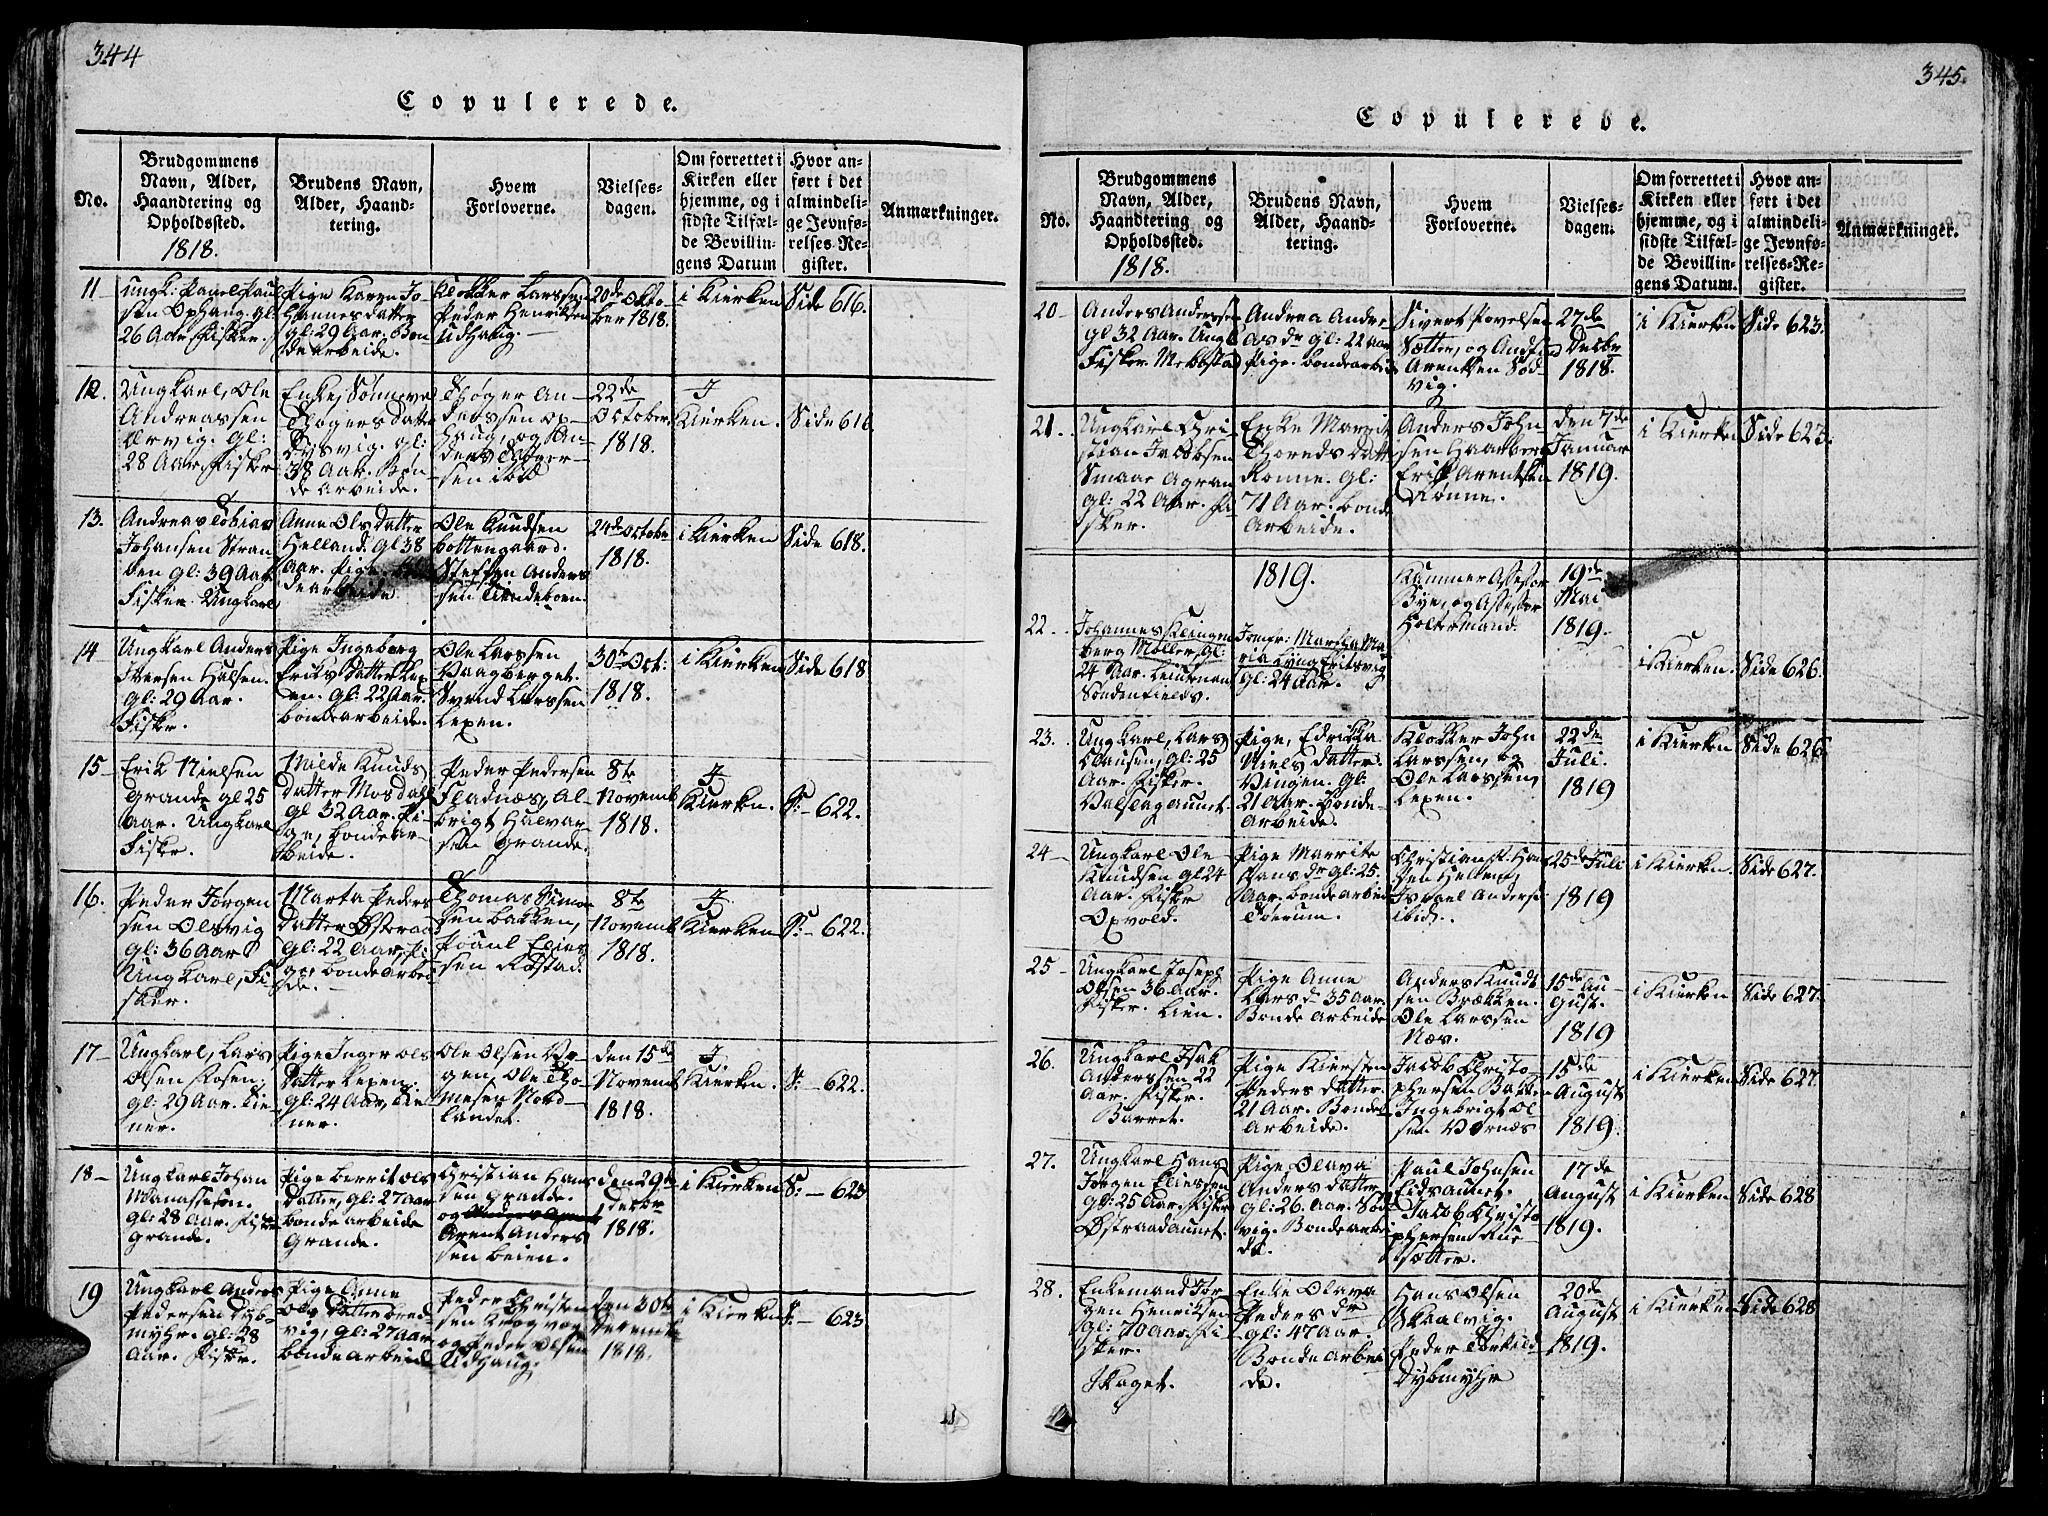 SAT, Ministerialprotokoller, klokkerbøker og fødselsregistre - Sør-Trøndelag, 659/L0744: Klokkerbok nr. 659C01, 1818-1825, s. 344-345